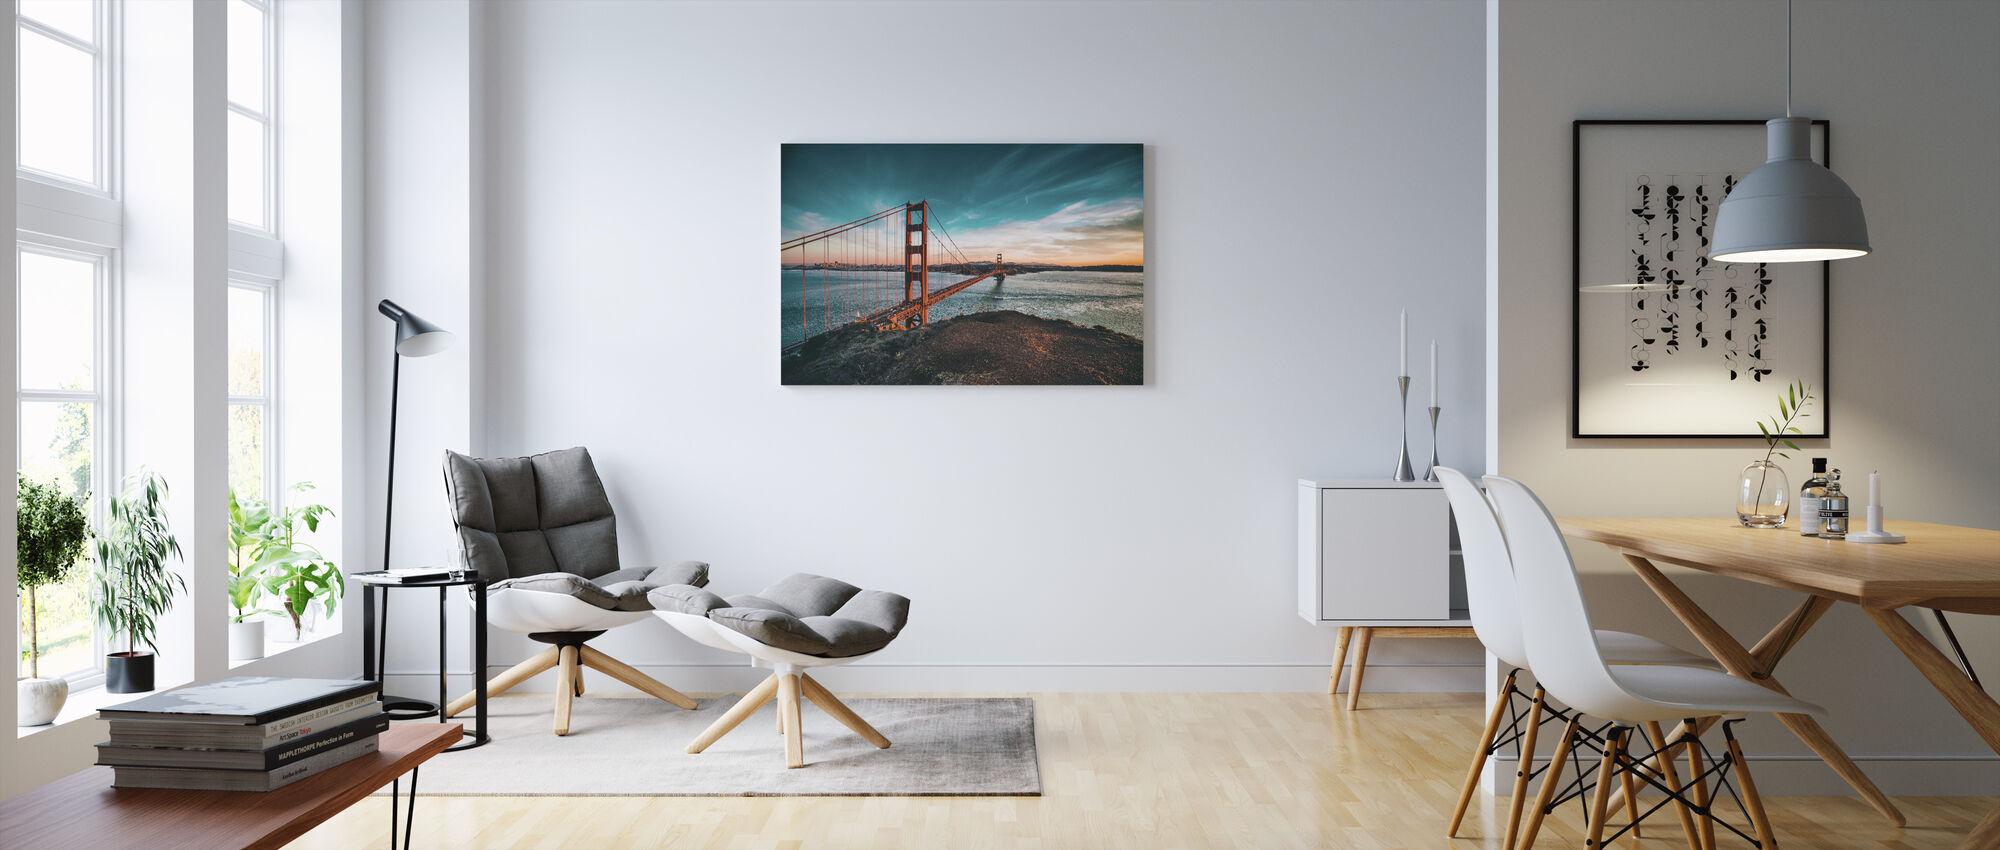 San Francisco Bridge - Canvas print - Living Room